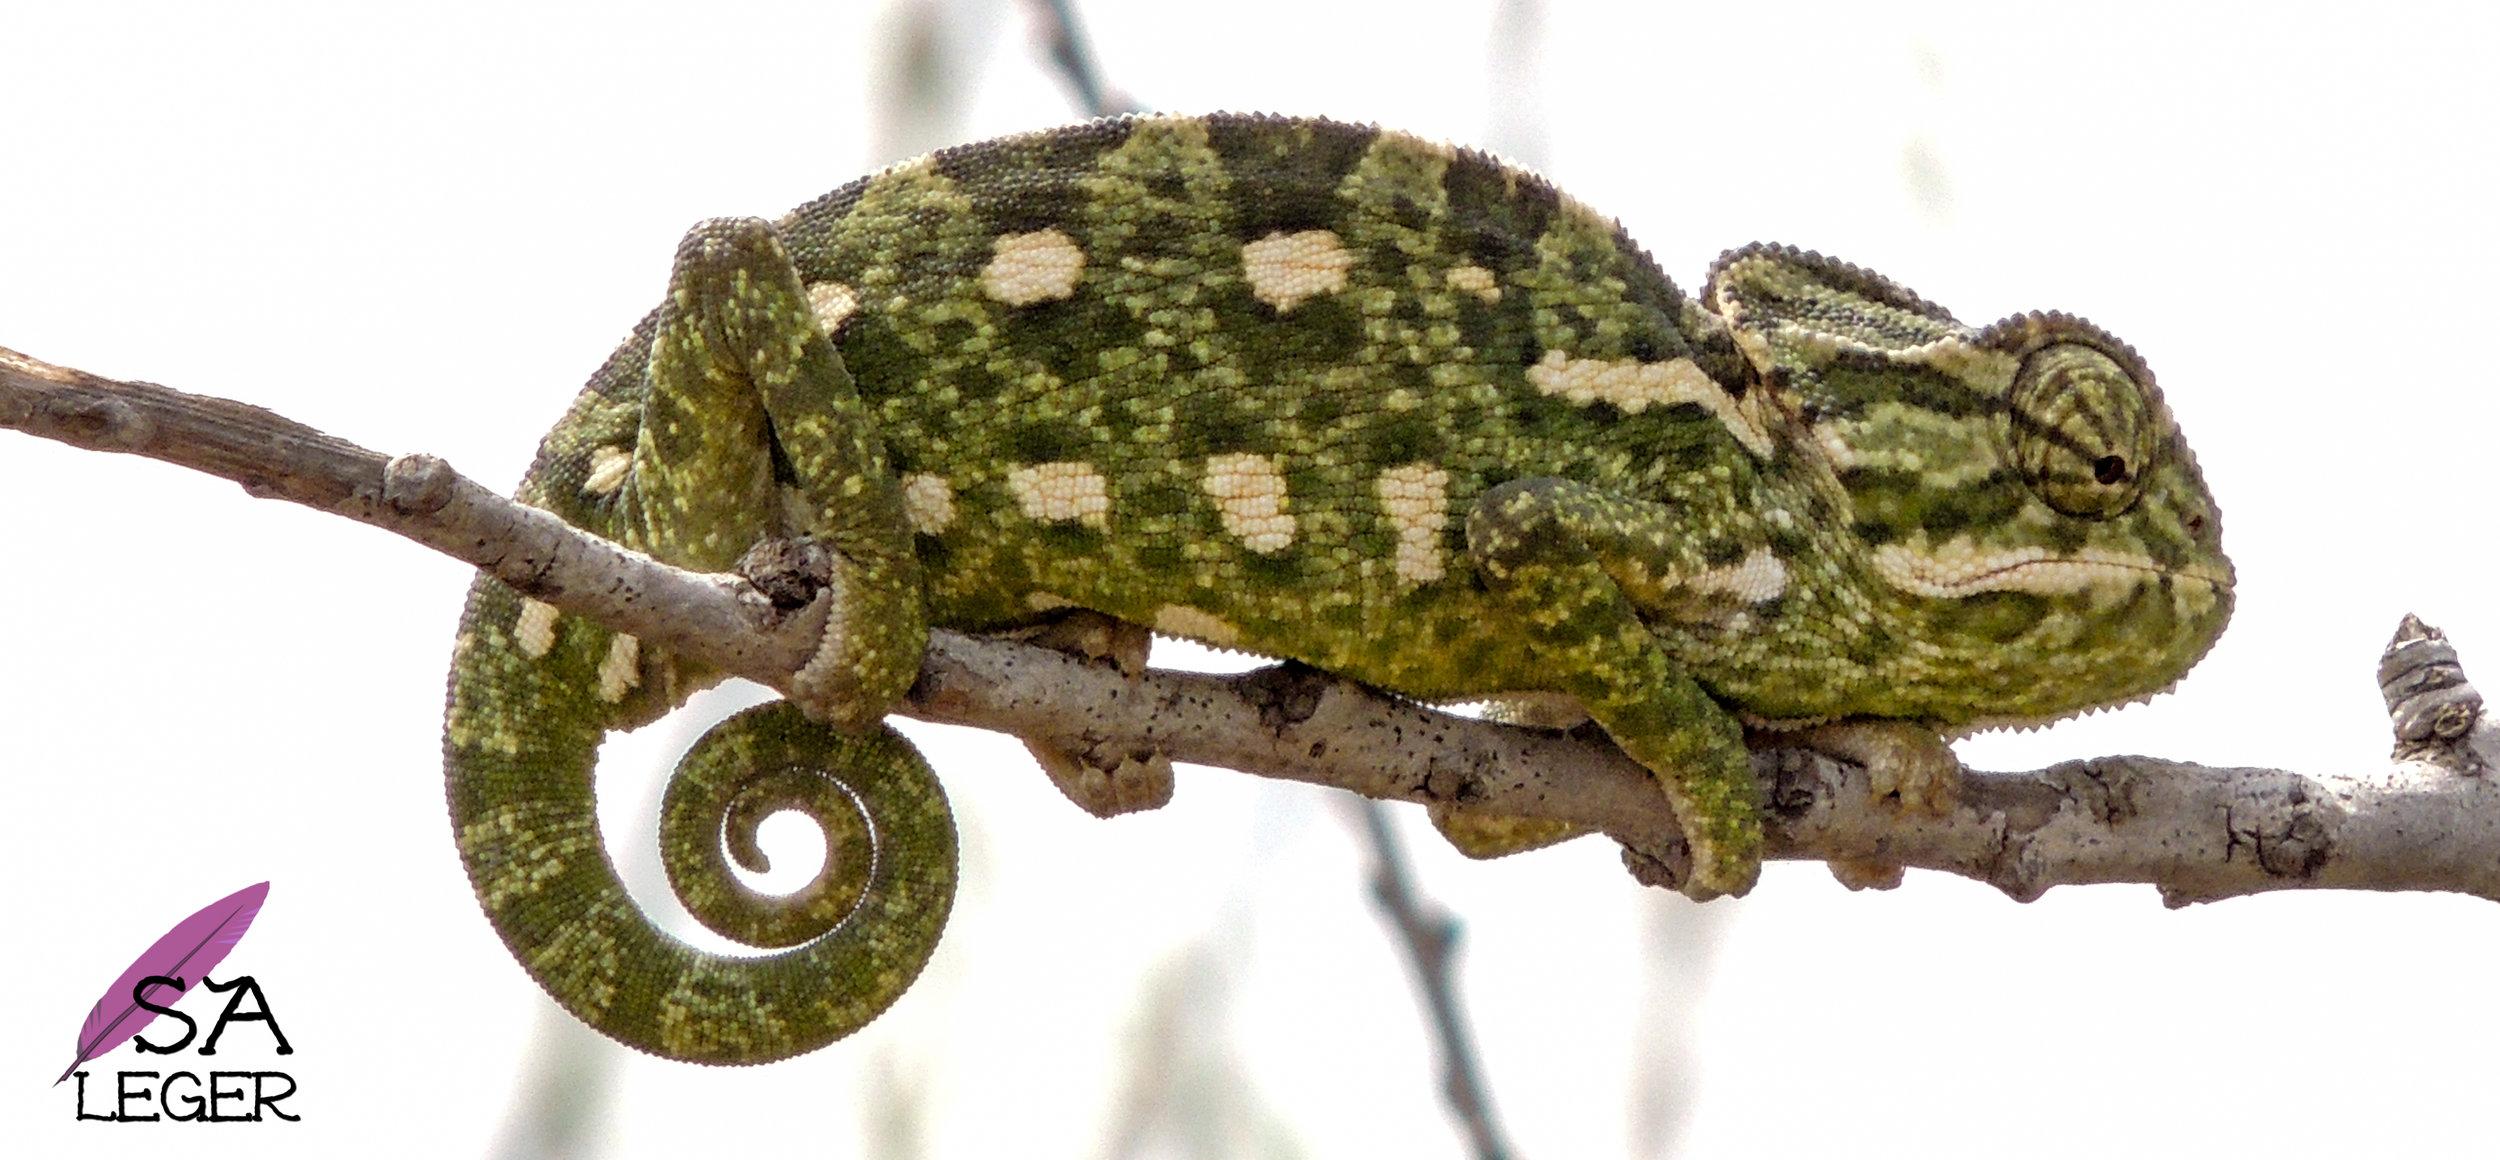 Mediterranean Chameleon ( Chamaeleo chamaeleon) - Għadira Nature Reserve, Malta